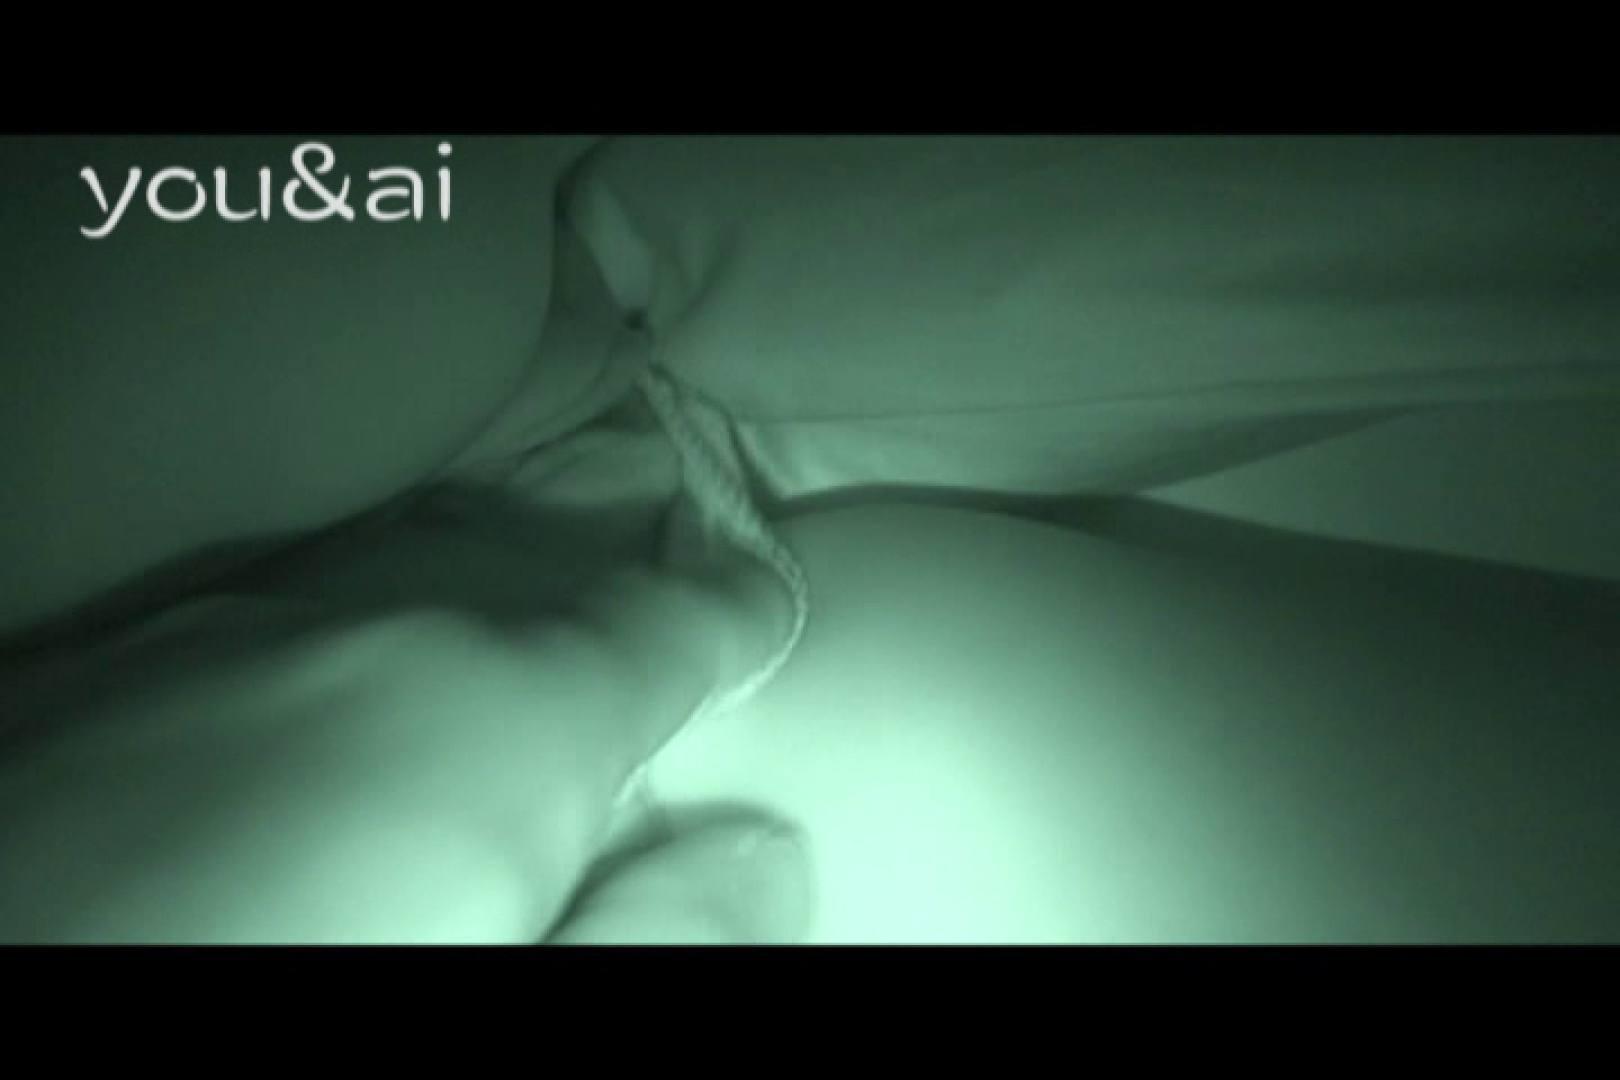 おしどり夫婦のyou&aiさん投稿作品vol.6 0   0  97画像 15